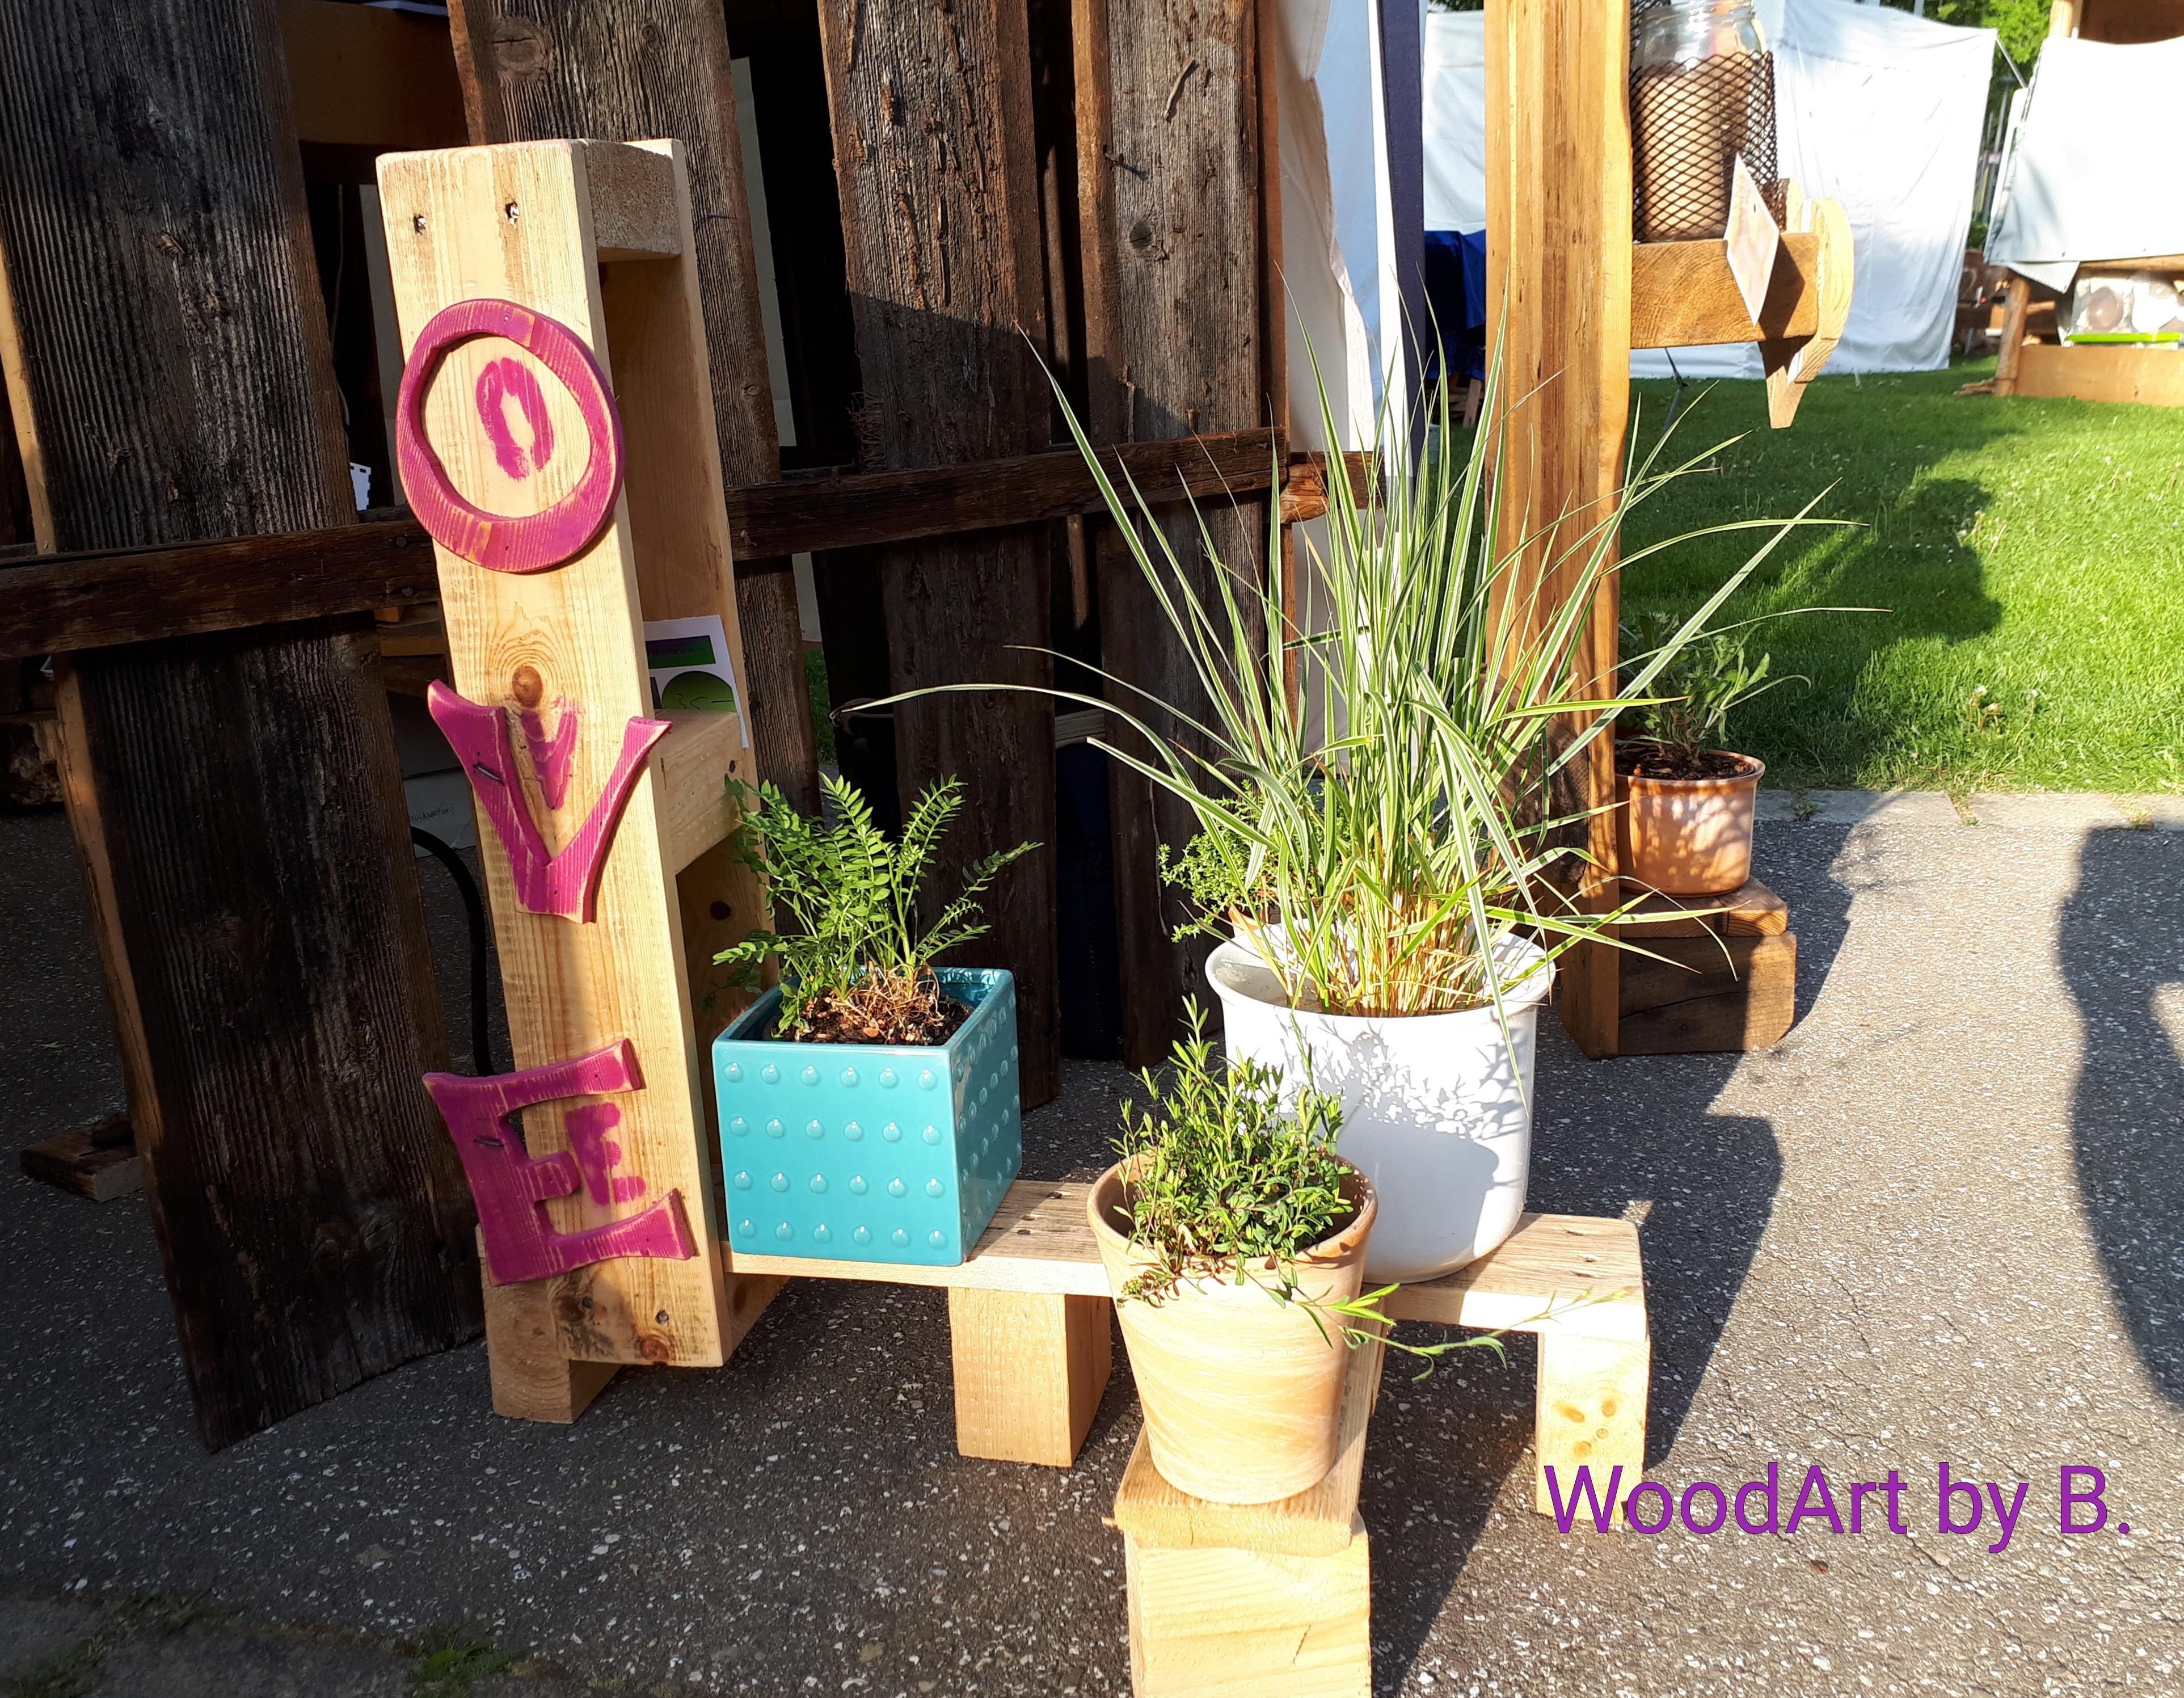 Lovely Blumenständer by WoodArt